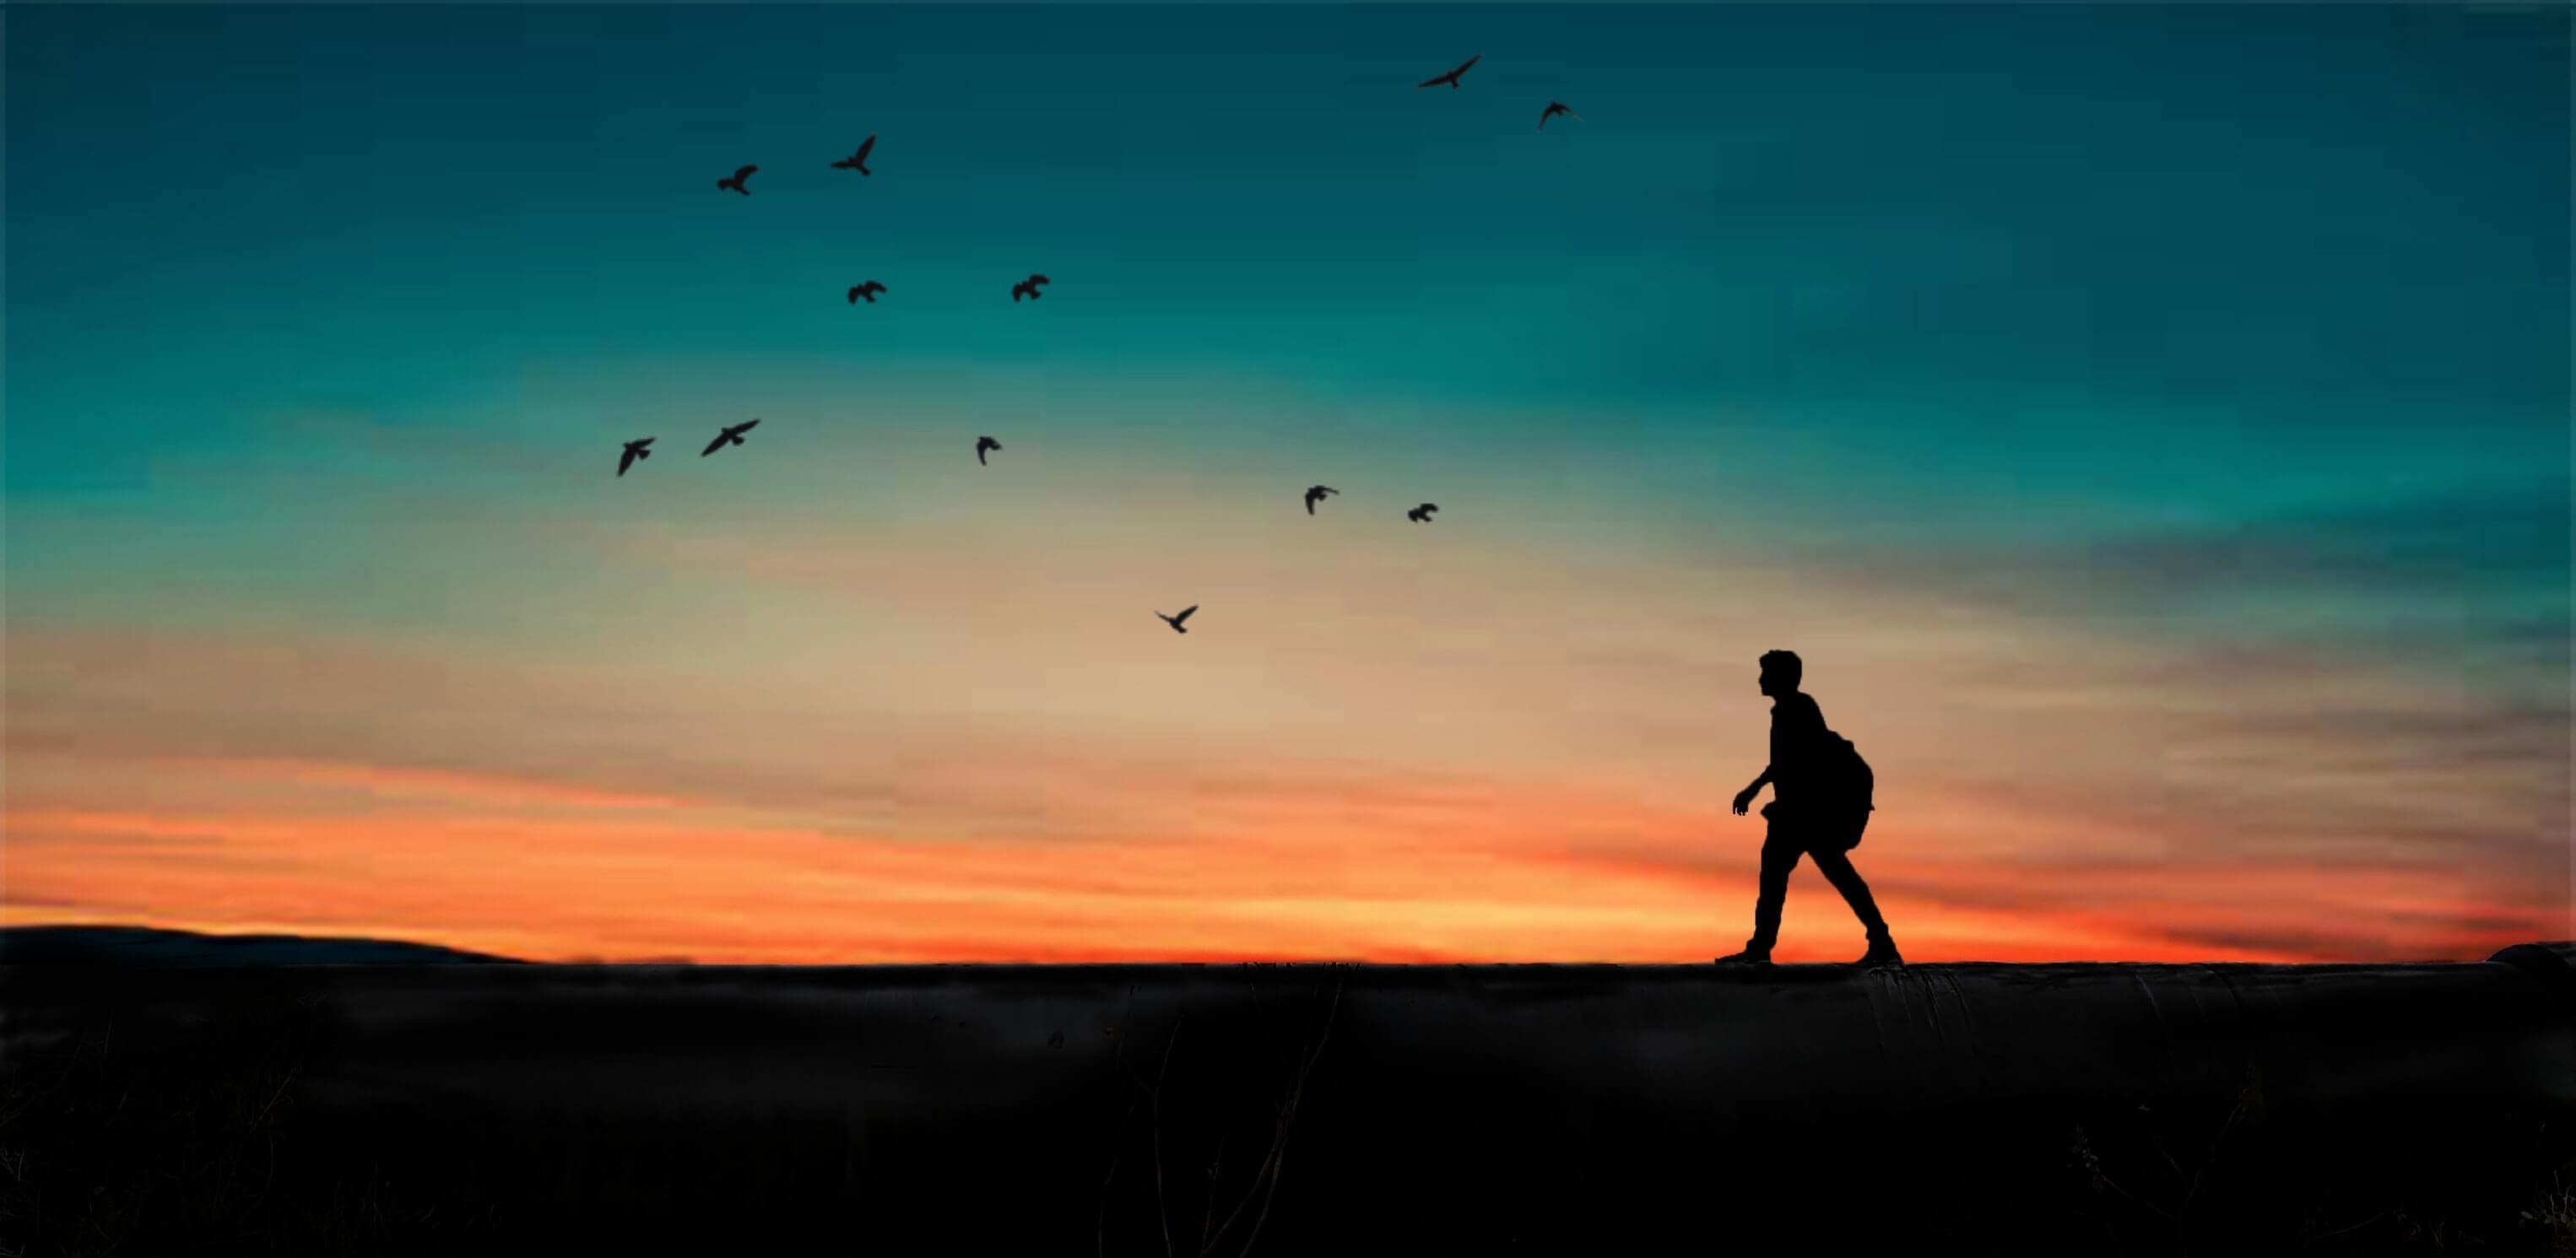 silhouette-of-person-walking-1046896 (1).jfif